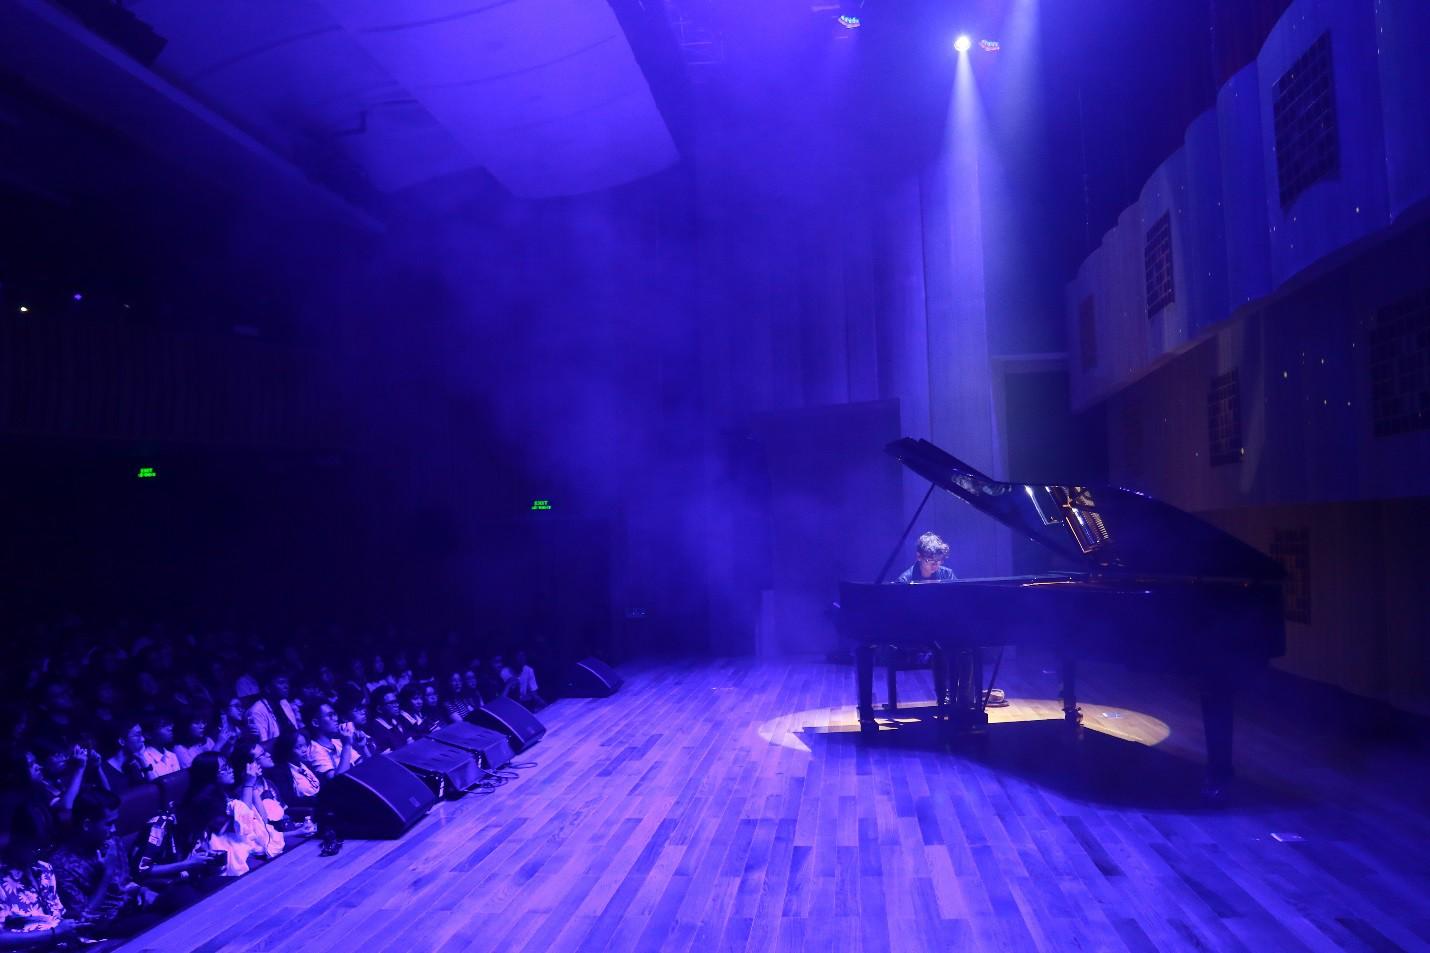 Màn biểu diễn cực chất của nghệ sĩ Tuấn Mạnh tại gala chào đón tân sinh viên Đại học Quốc tế Sài Gòn - Ảnh 4.